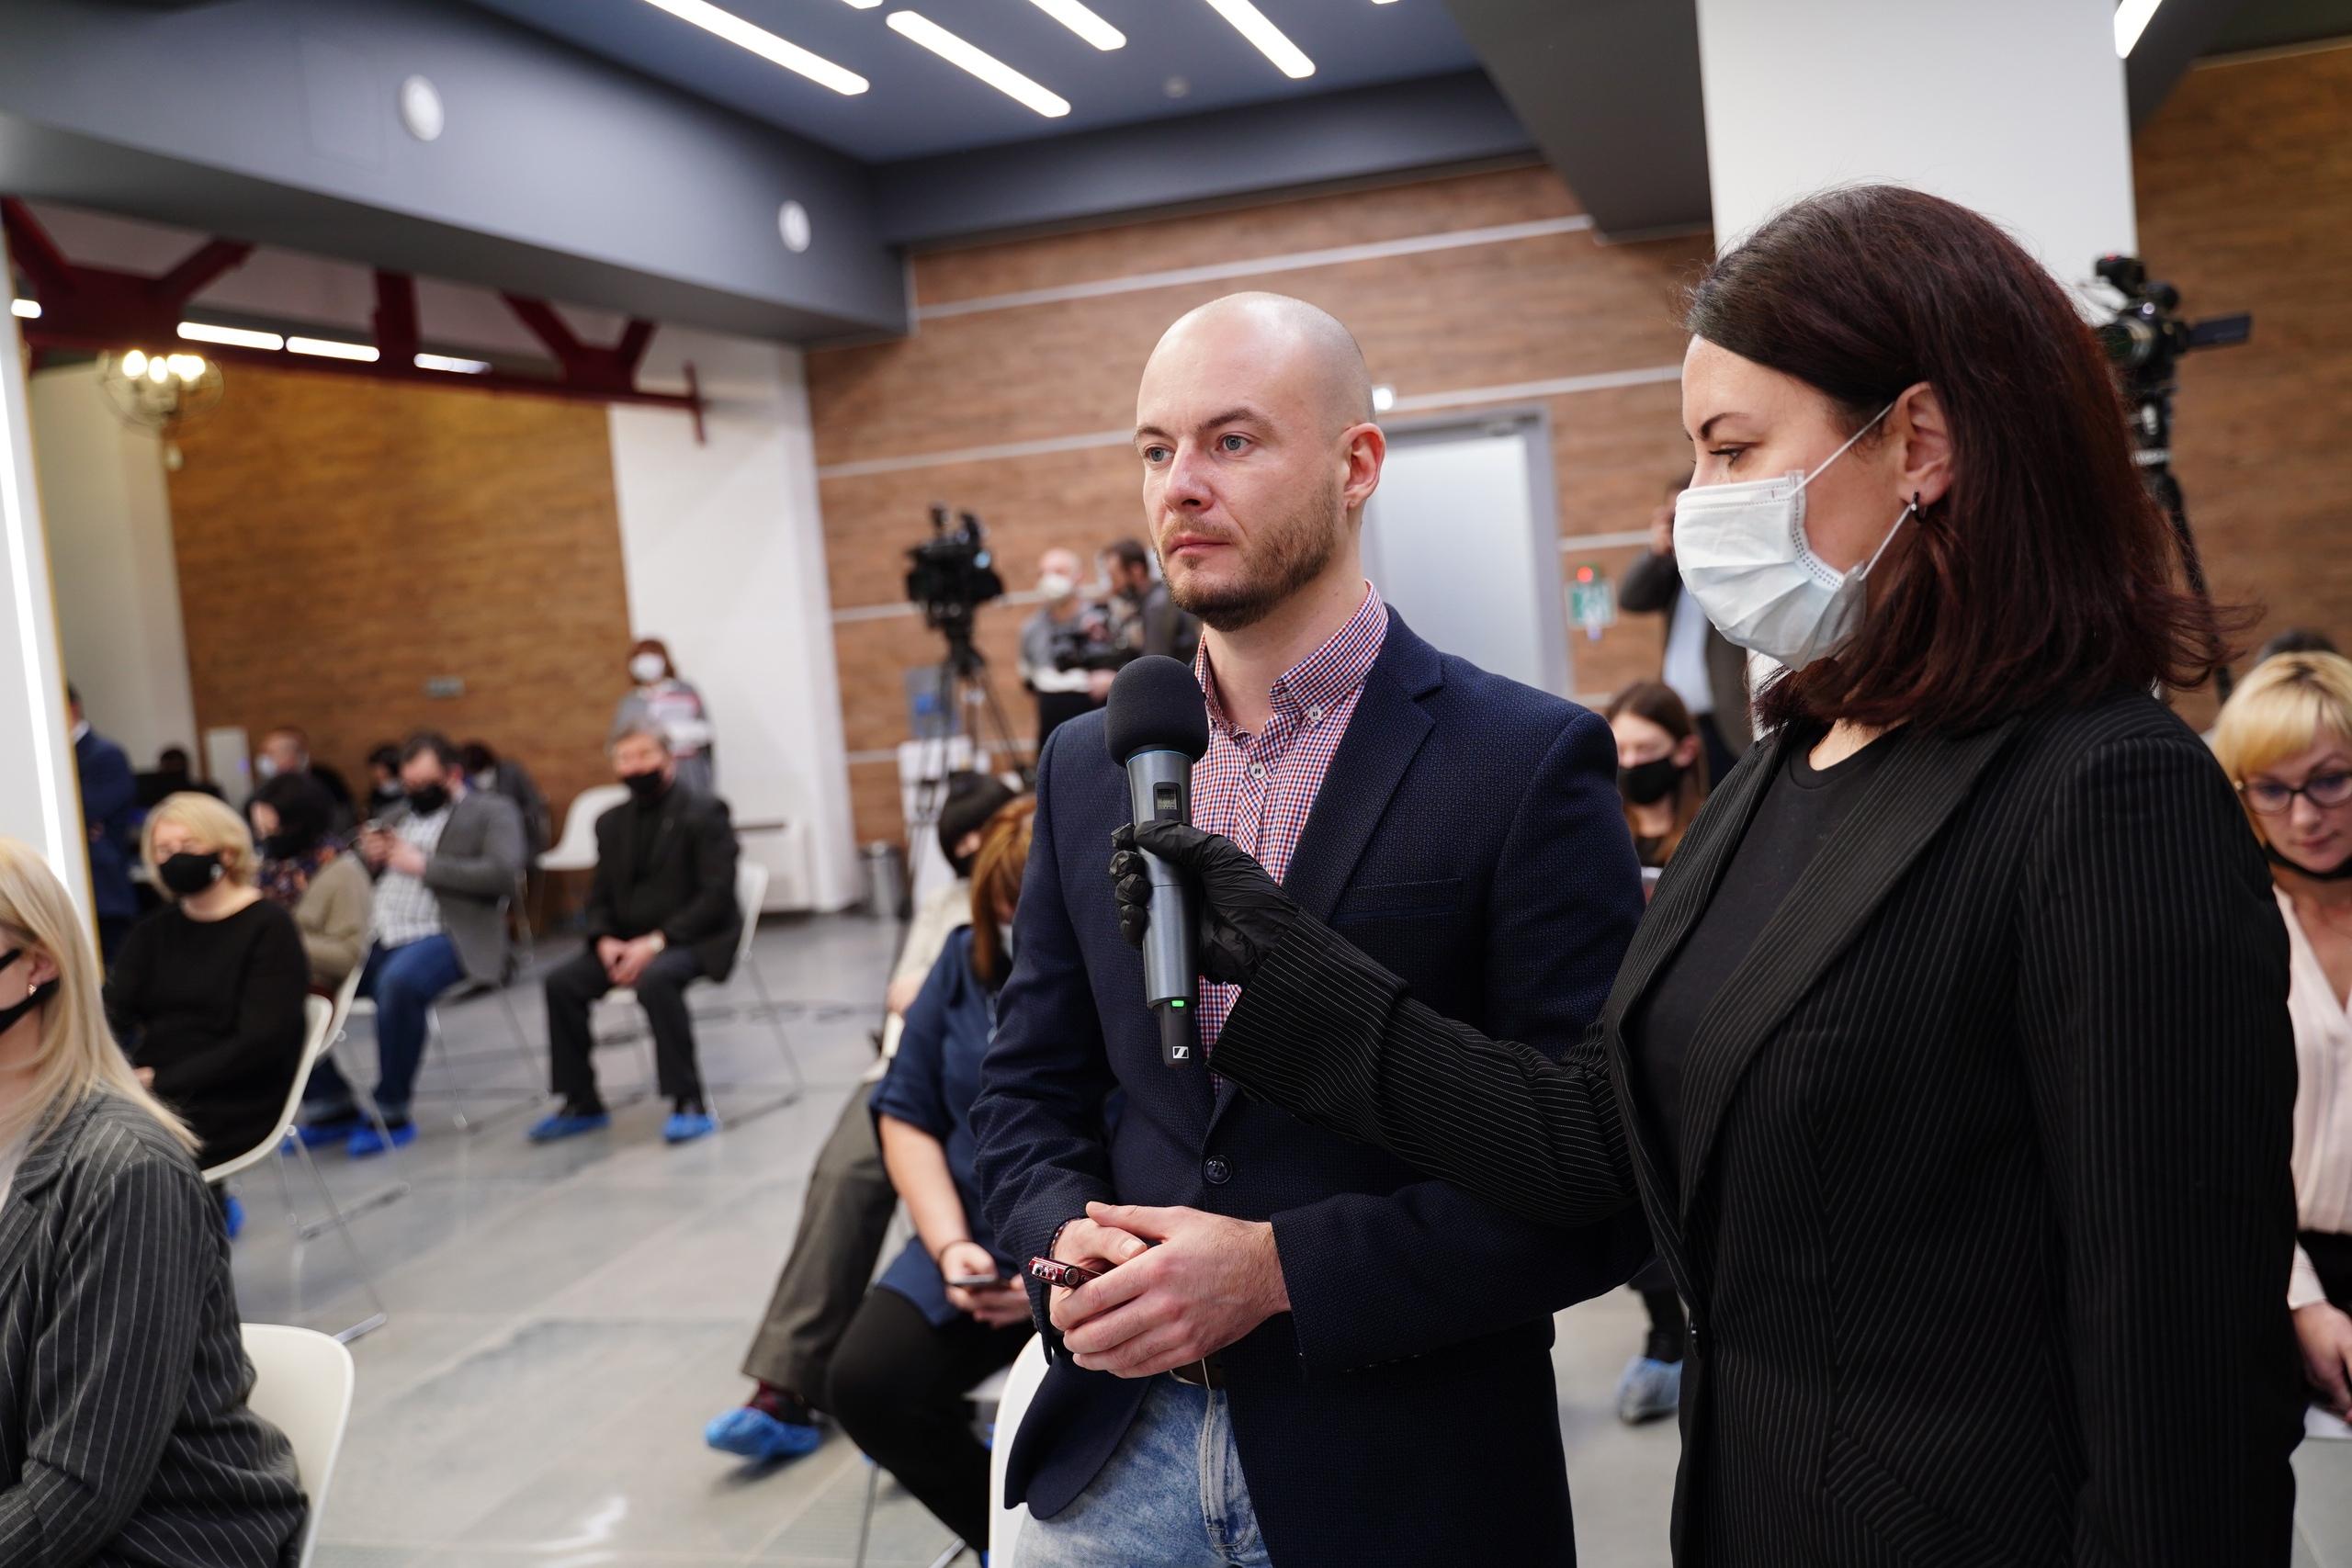 Игорь Докучаев: Форум муниципальных образований - это возможность «сверить часы»